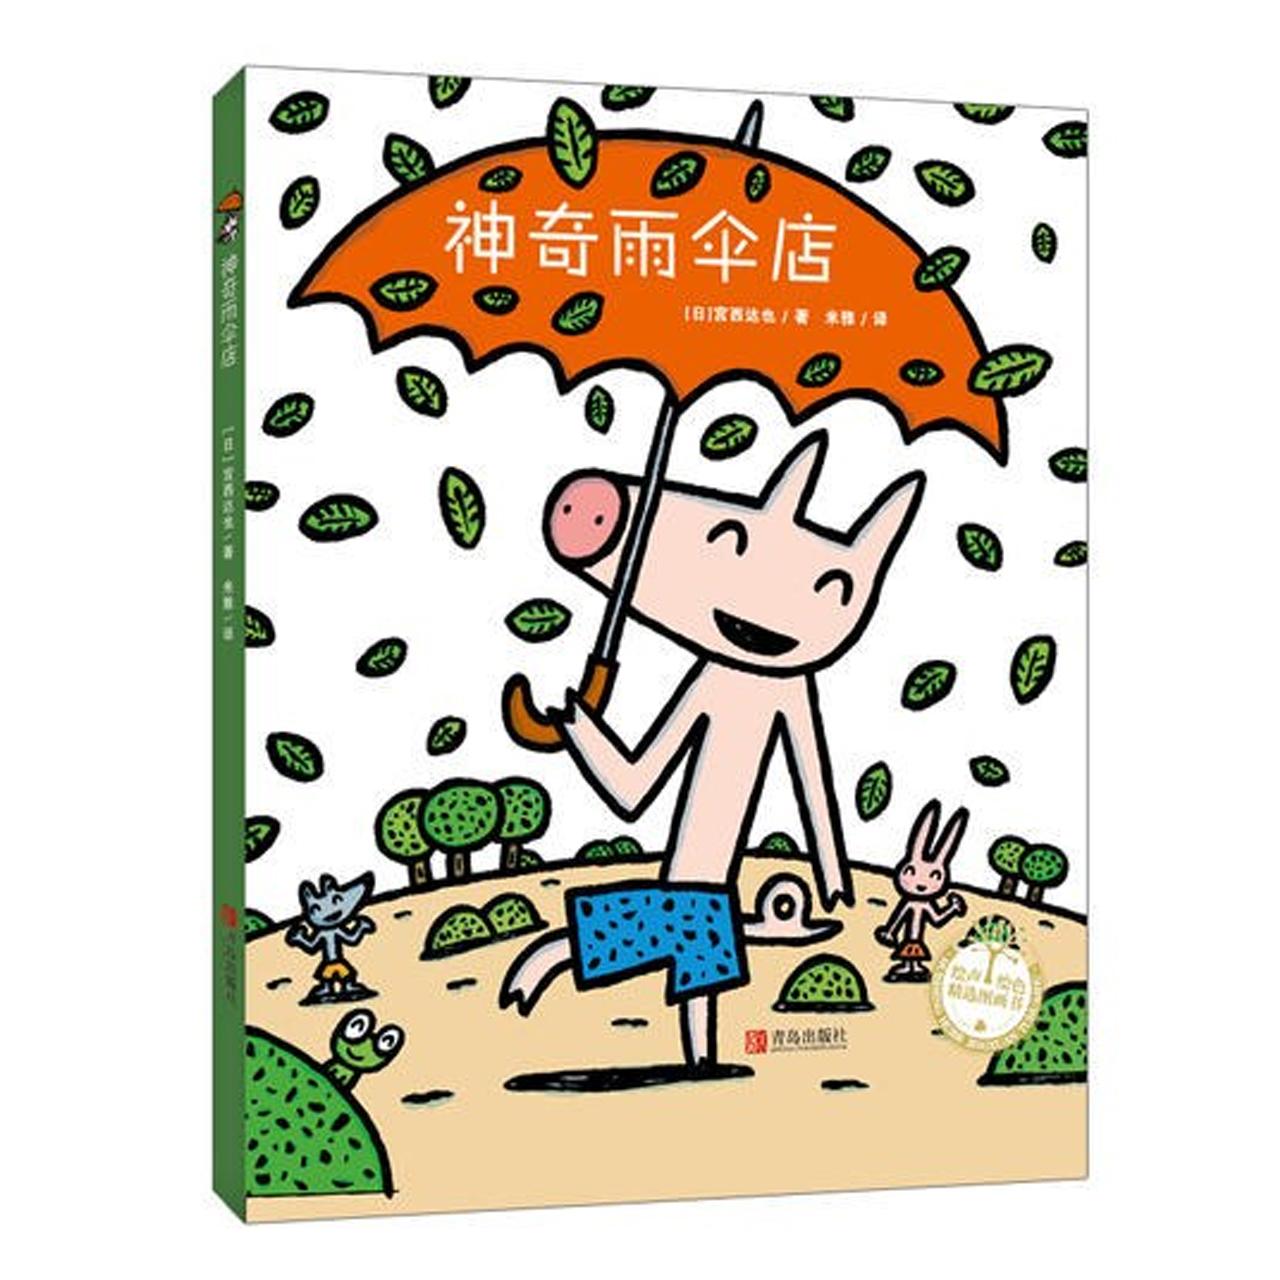 神奇雨伞店【儿童绘本/翻译绘本/幻想故事】